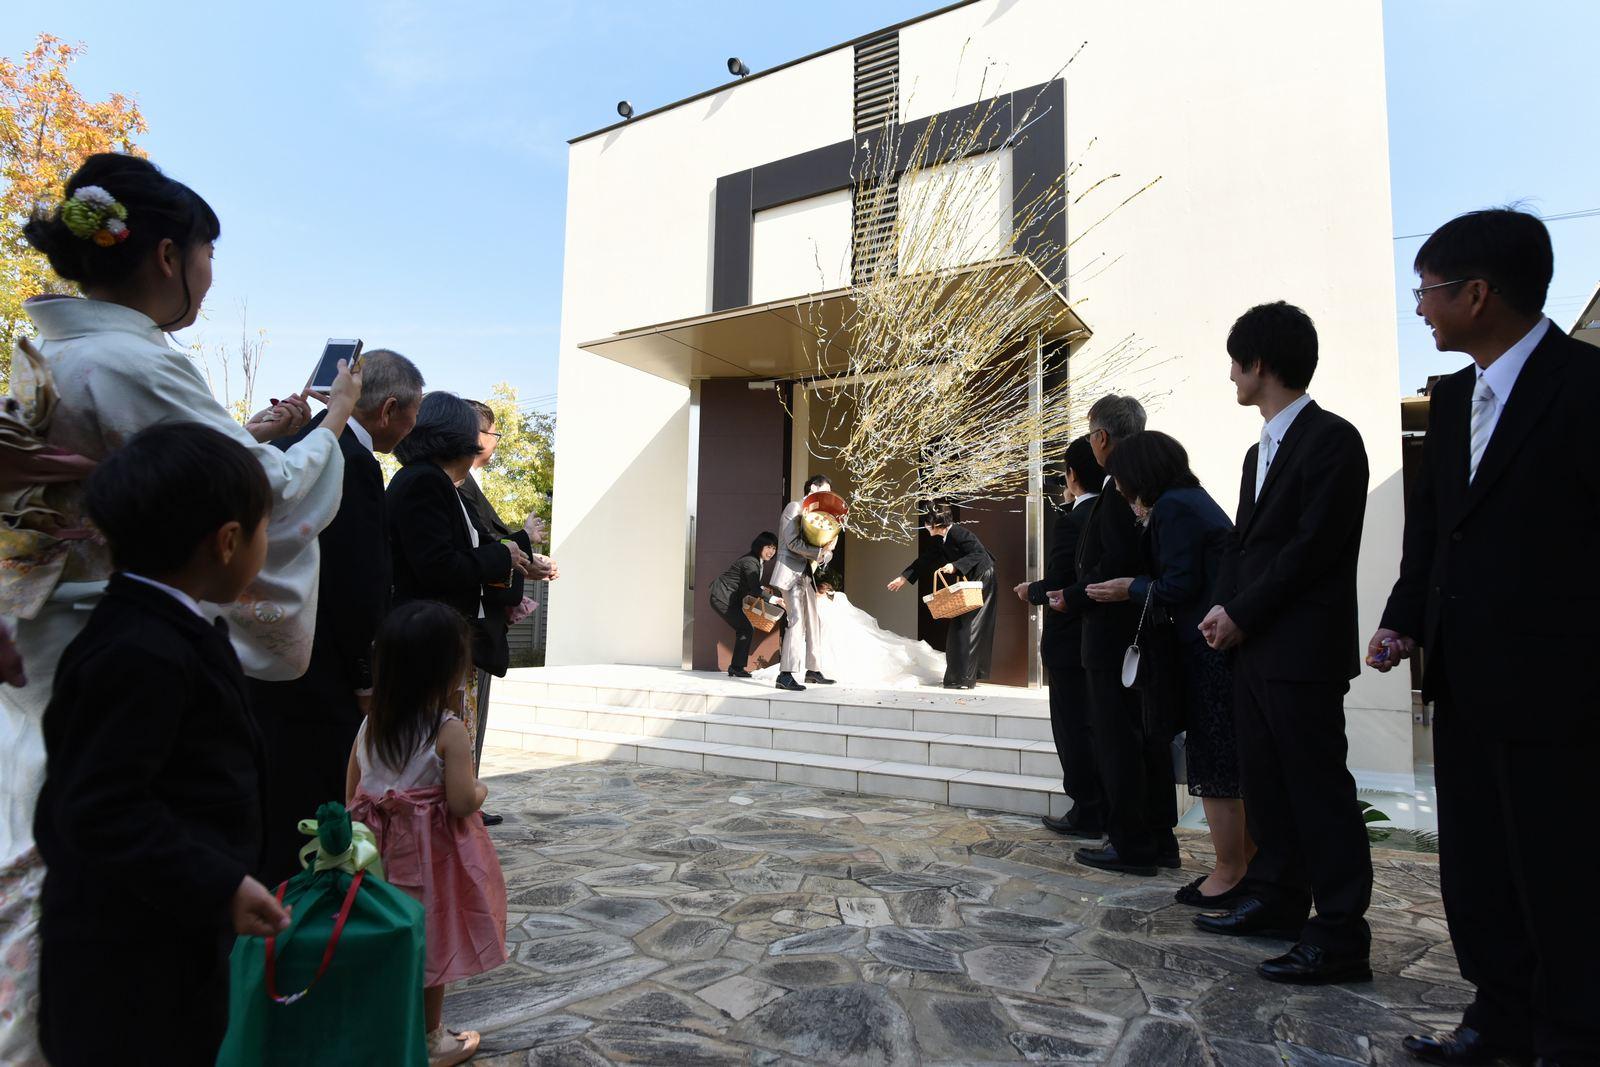 高松市の結婚式場アイルバレクラブのアフターセレモニーでジャンボクラッカー